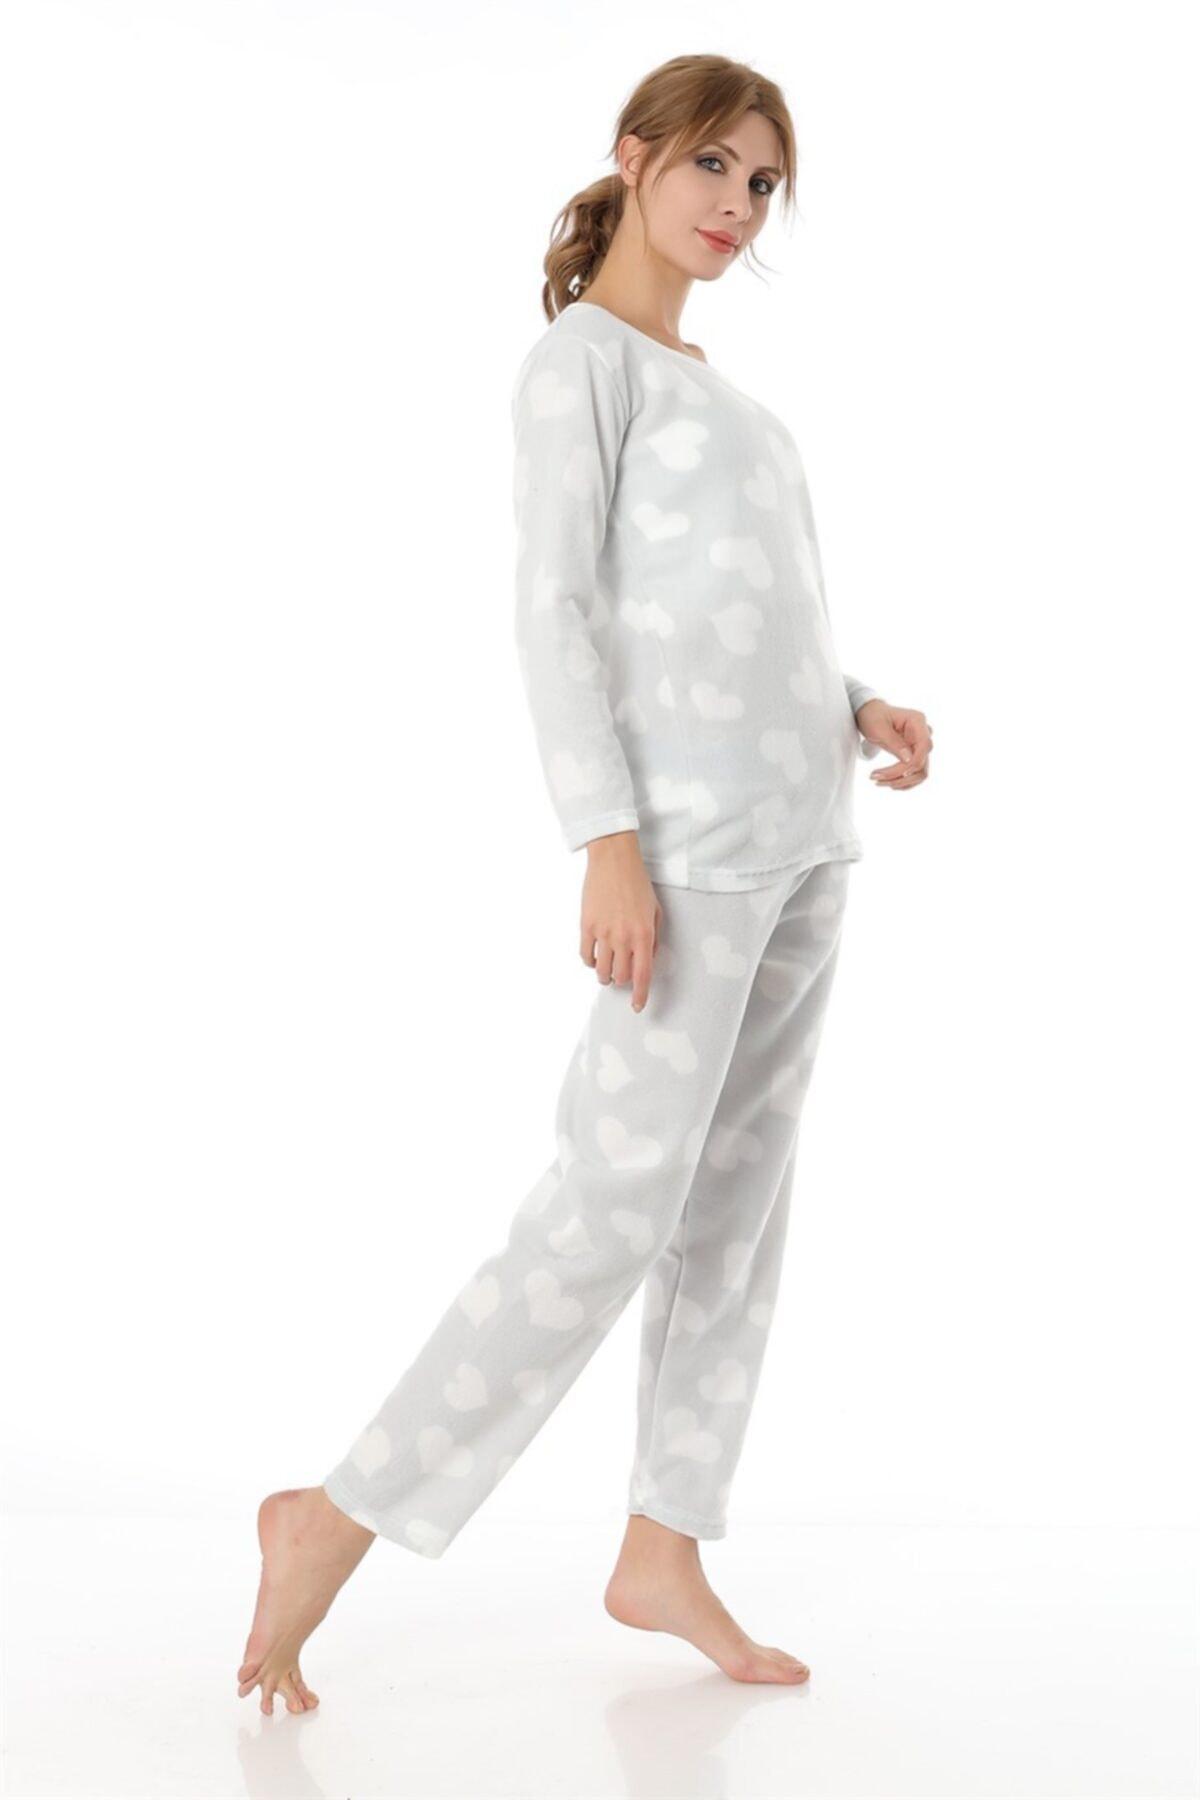 ZİNCiRMODA Polar Pijama Takımı - Gri 2